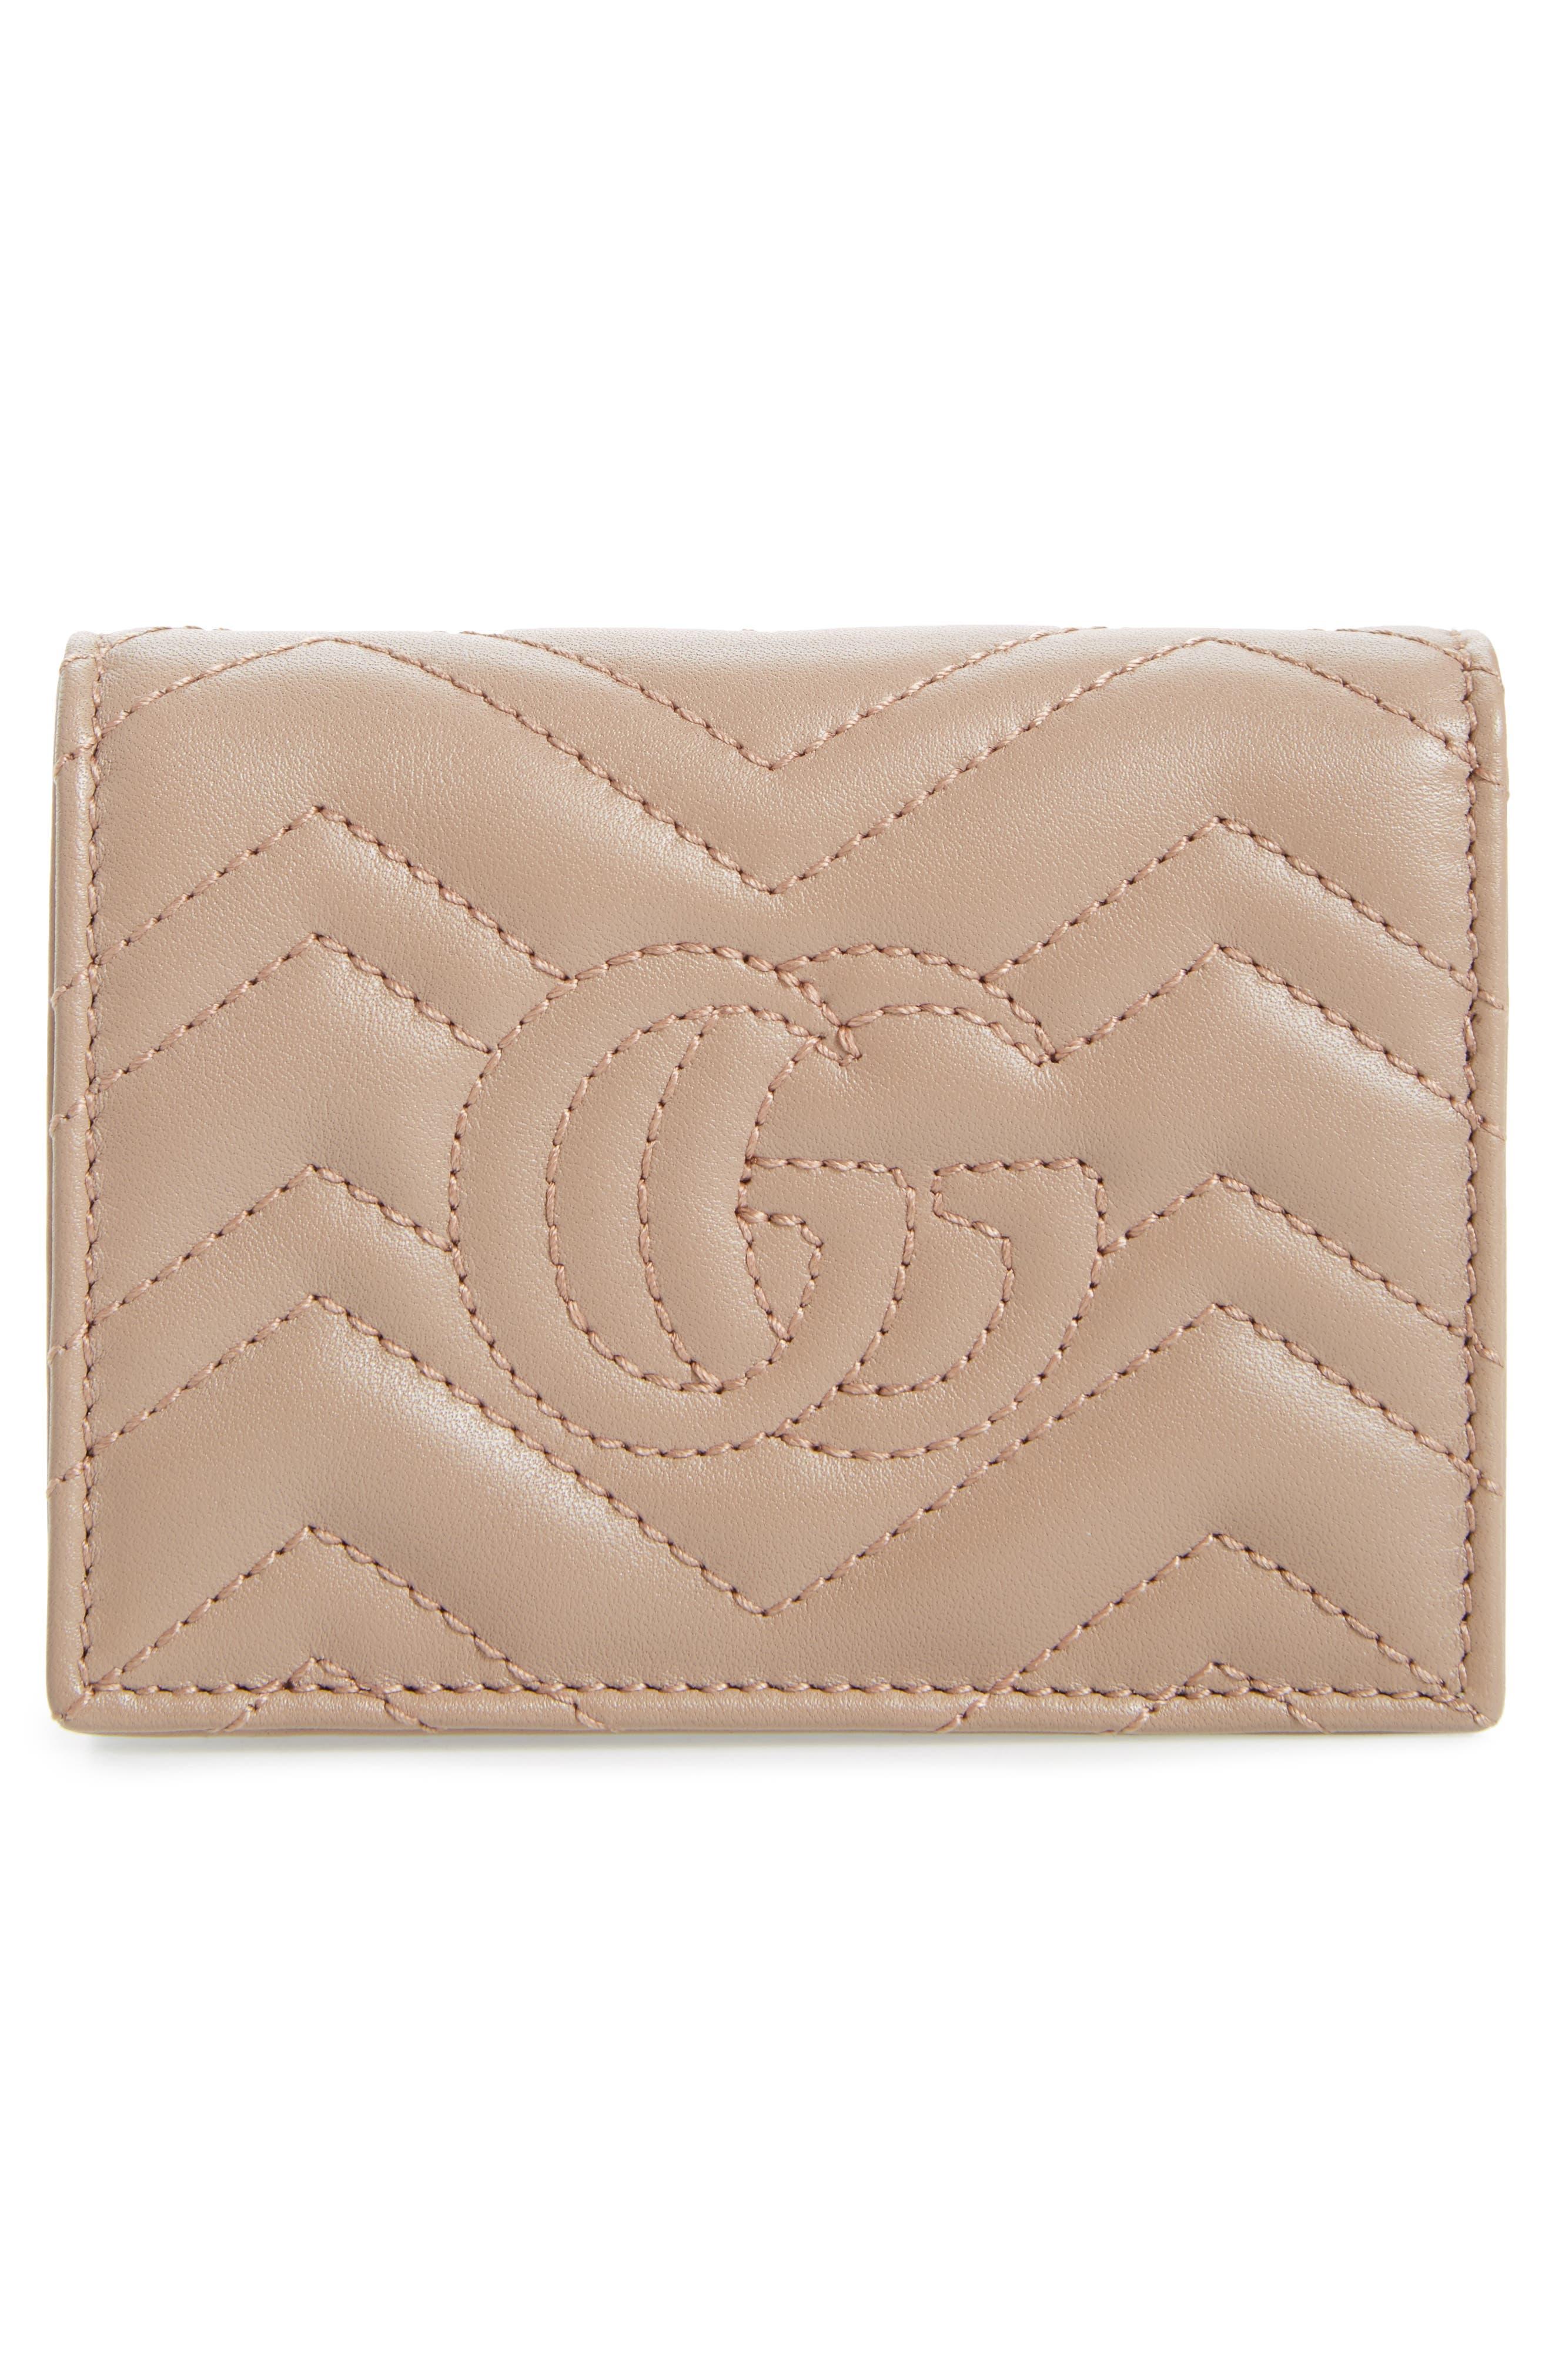 GG Marmont Matelassé Leather Card Case,                             Alternate thumbnail 4, color,                             PORCELAIN ROSE